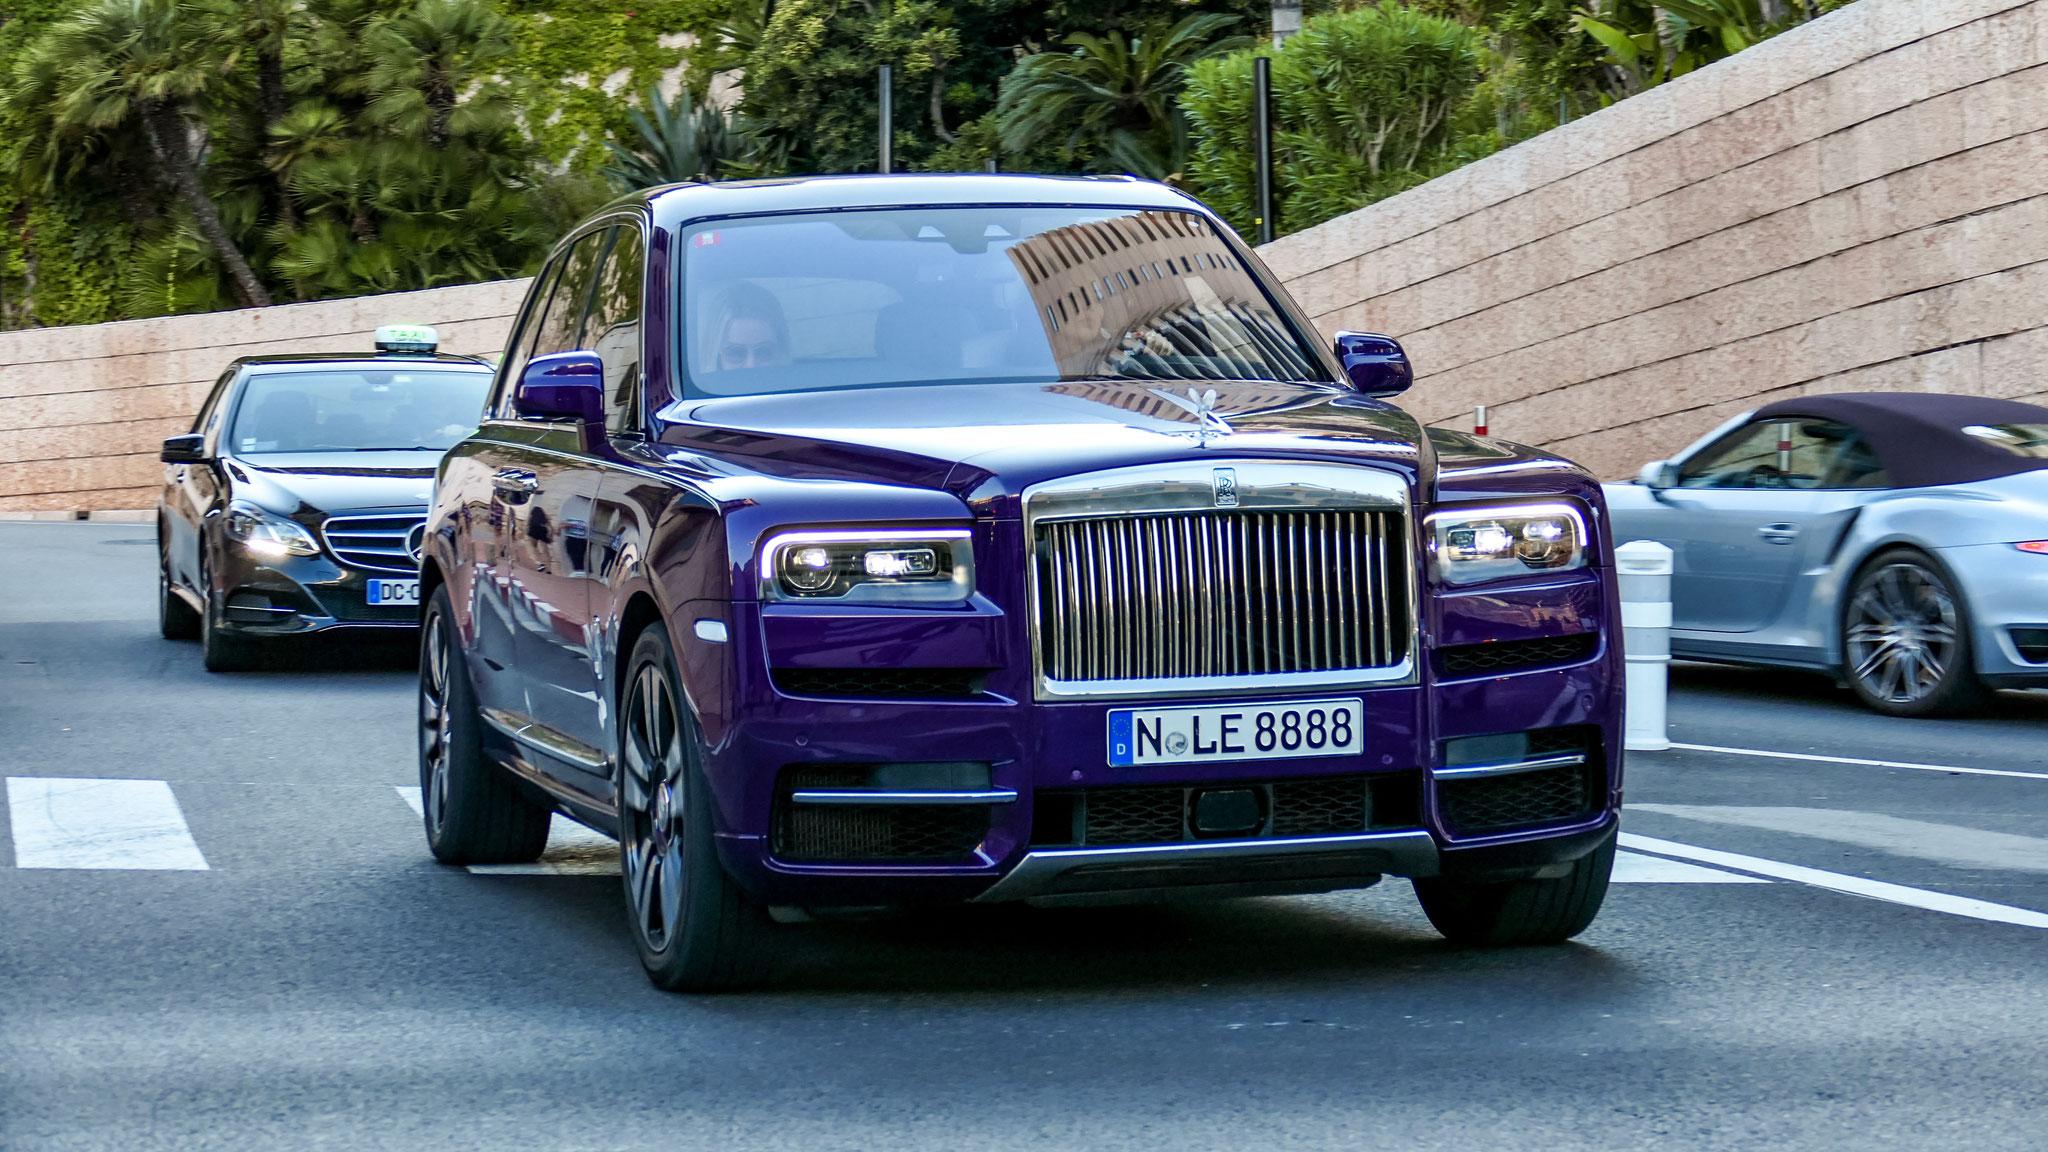 Rolls Royce Cullinan - N-LE-8888